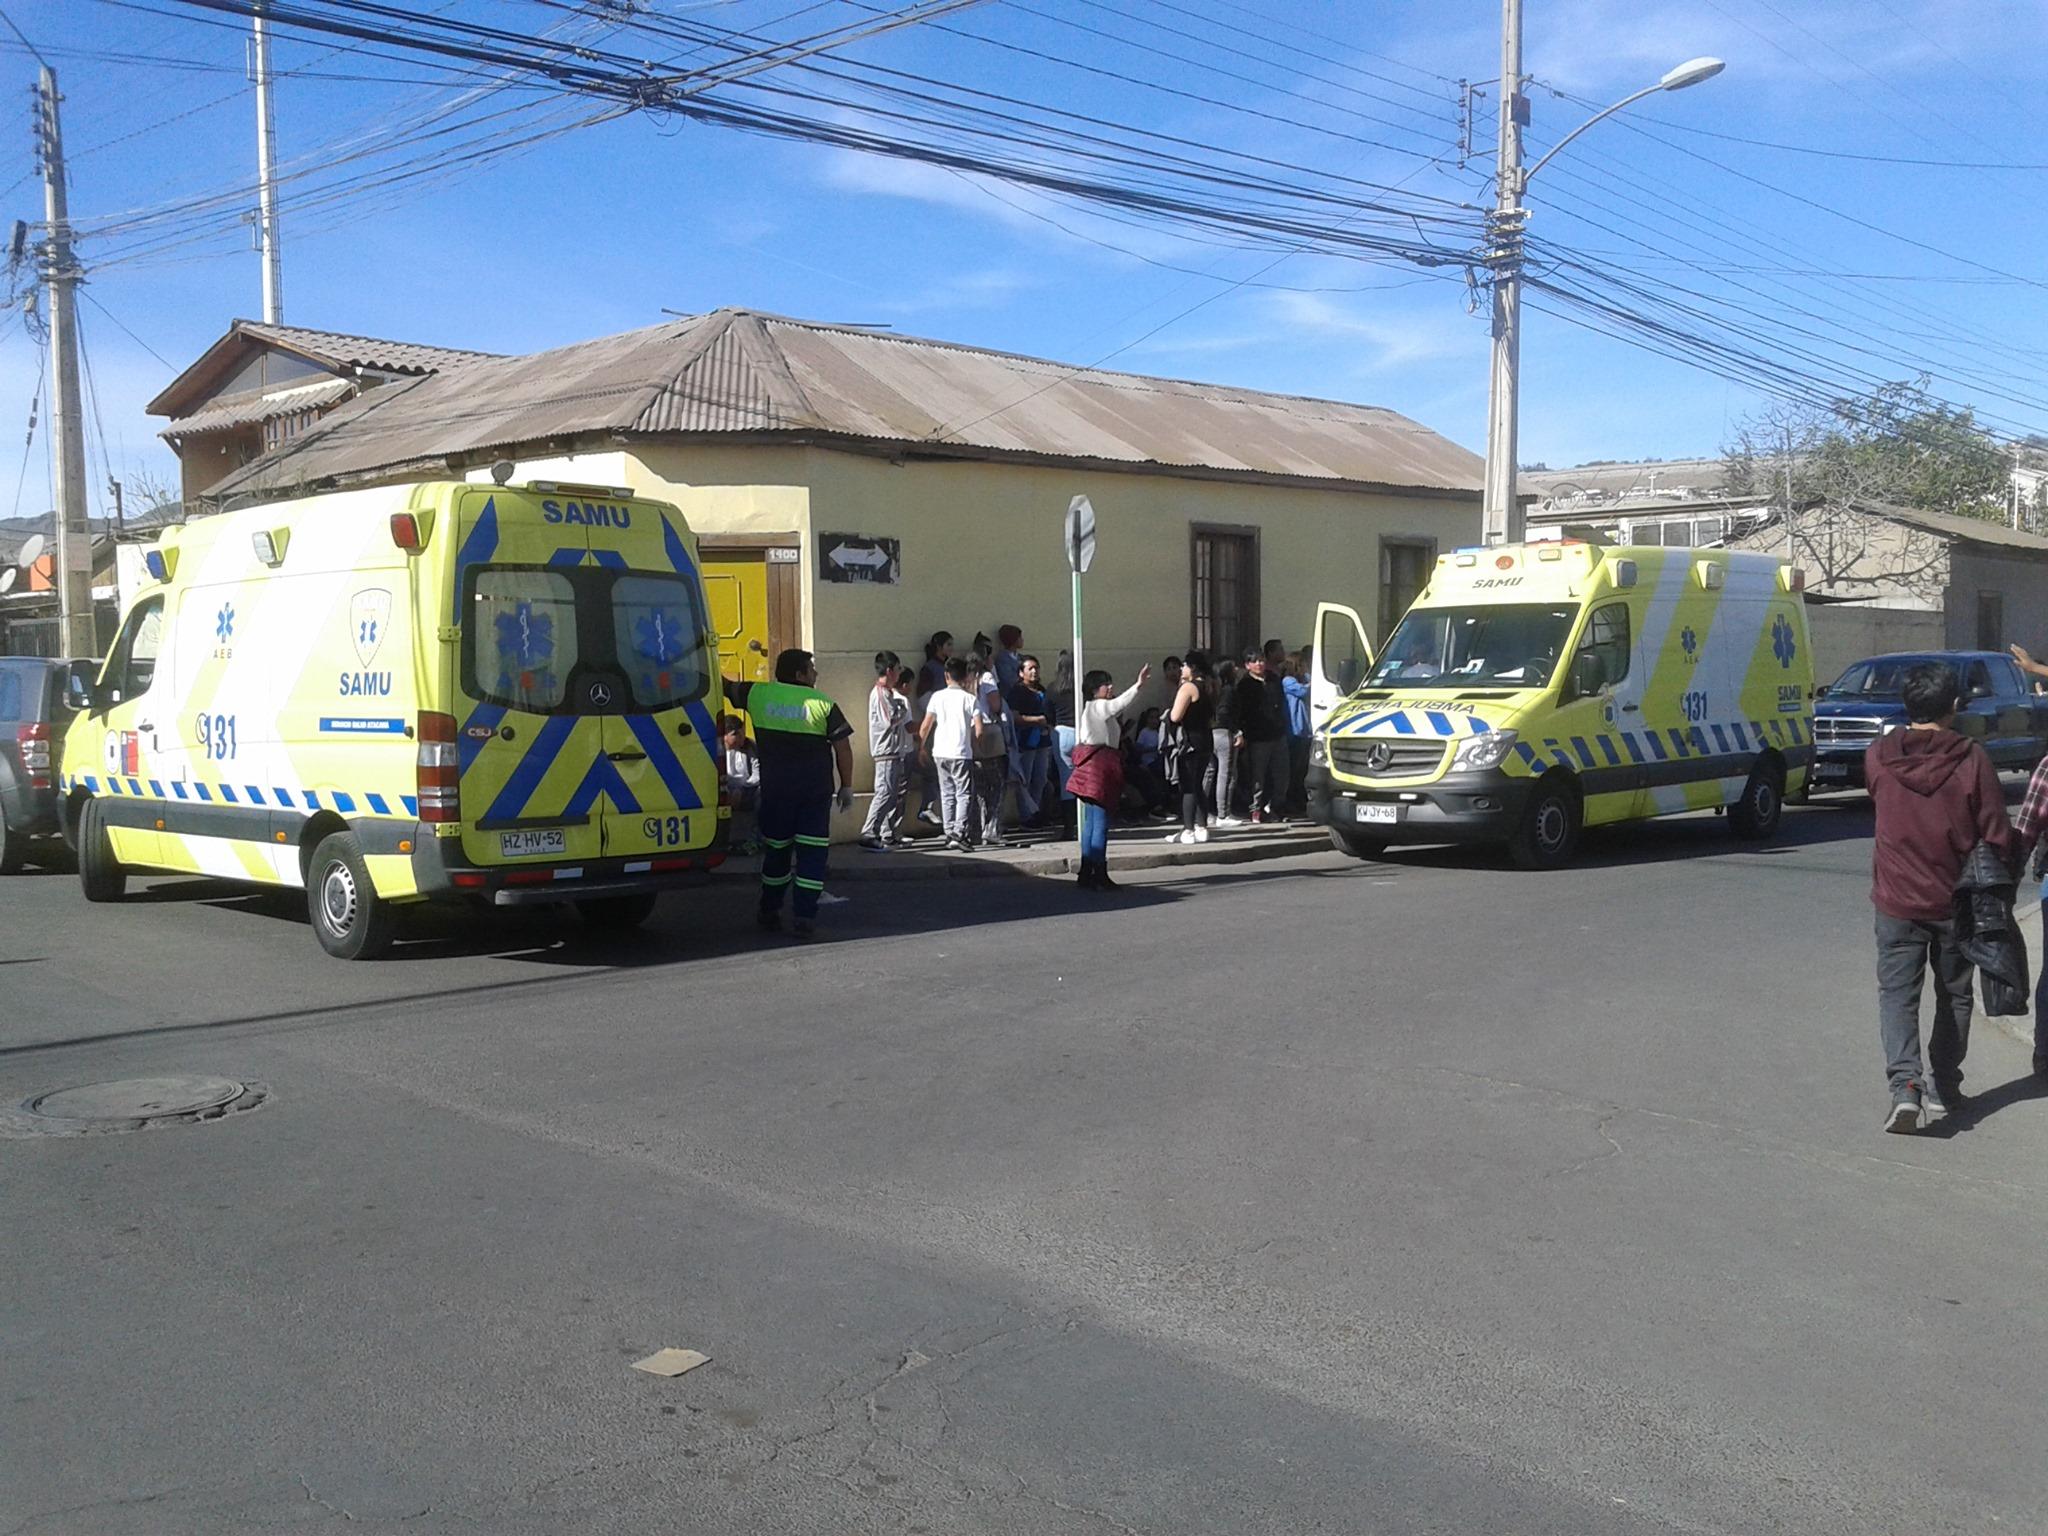 25 personas de escuela resultan intoxicadas por inhalación de químico usado para fumigación